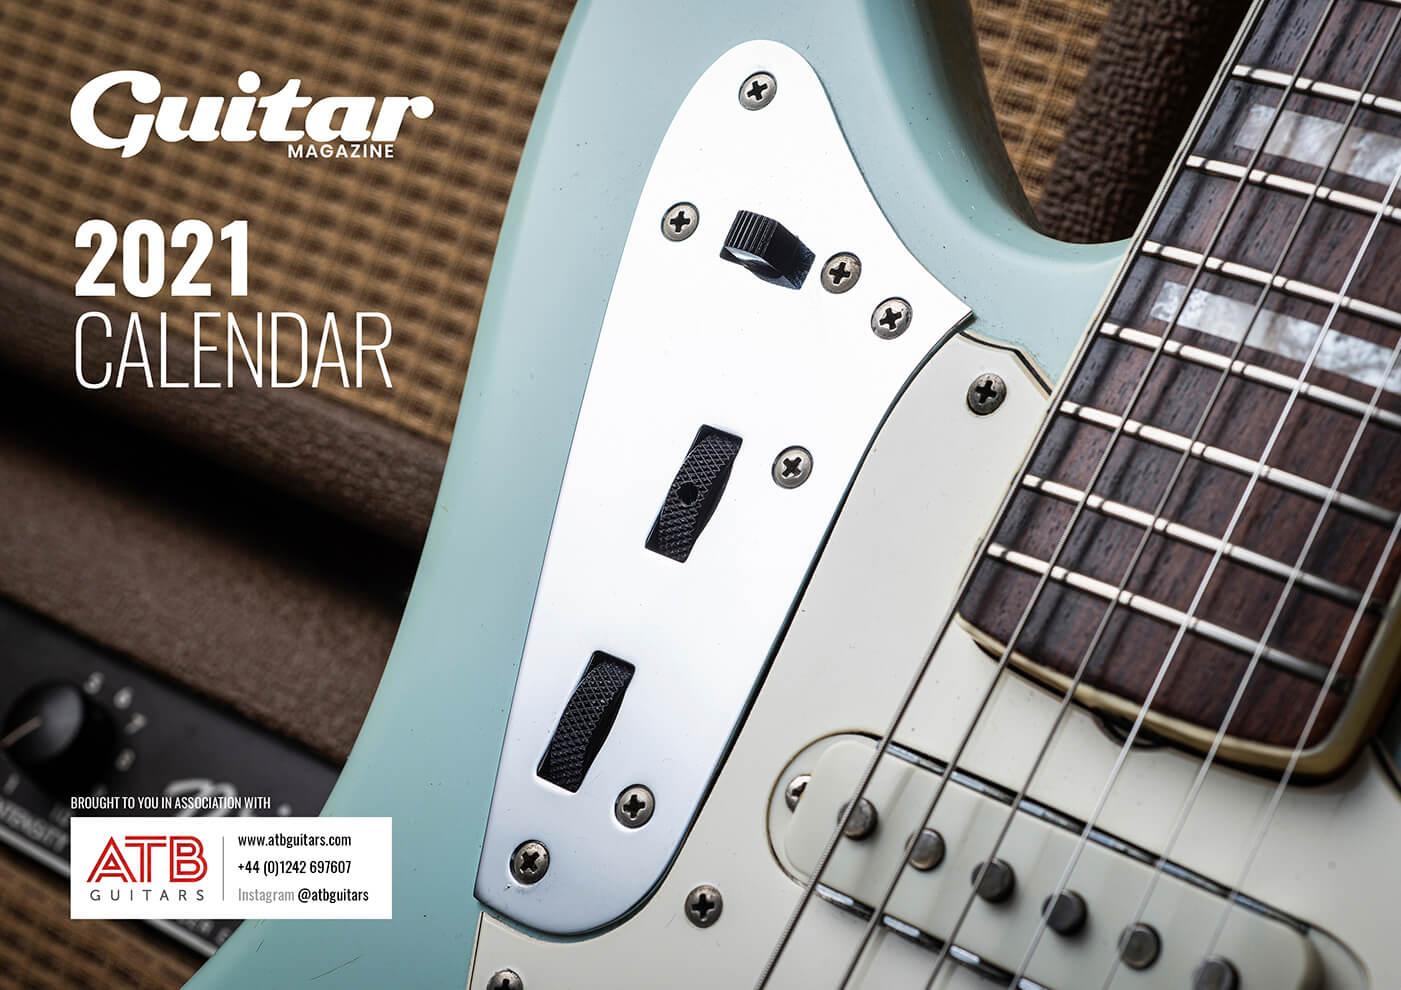 guitar magazine free calendar 2021